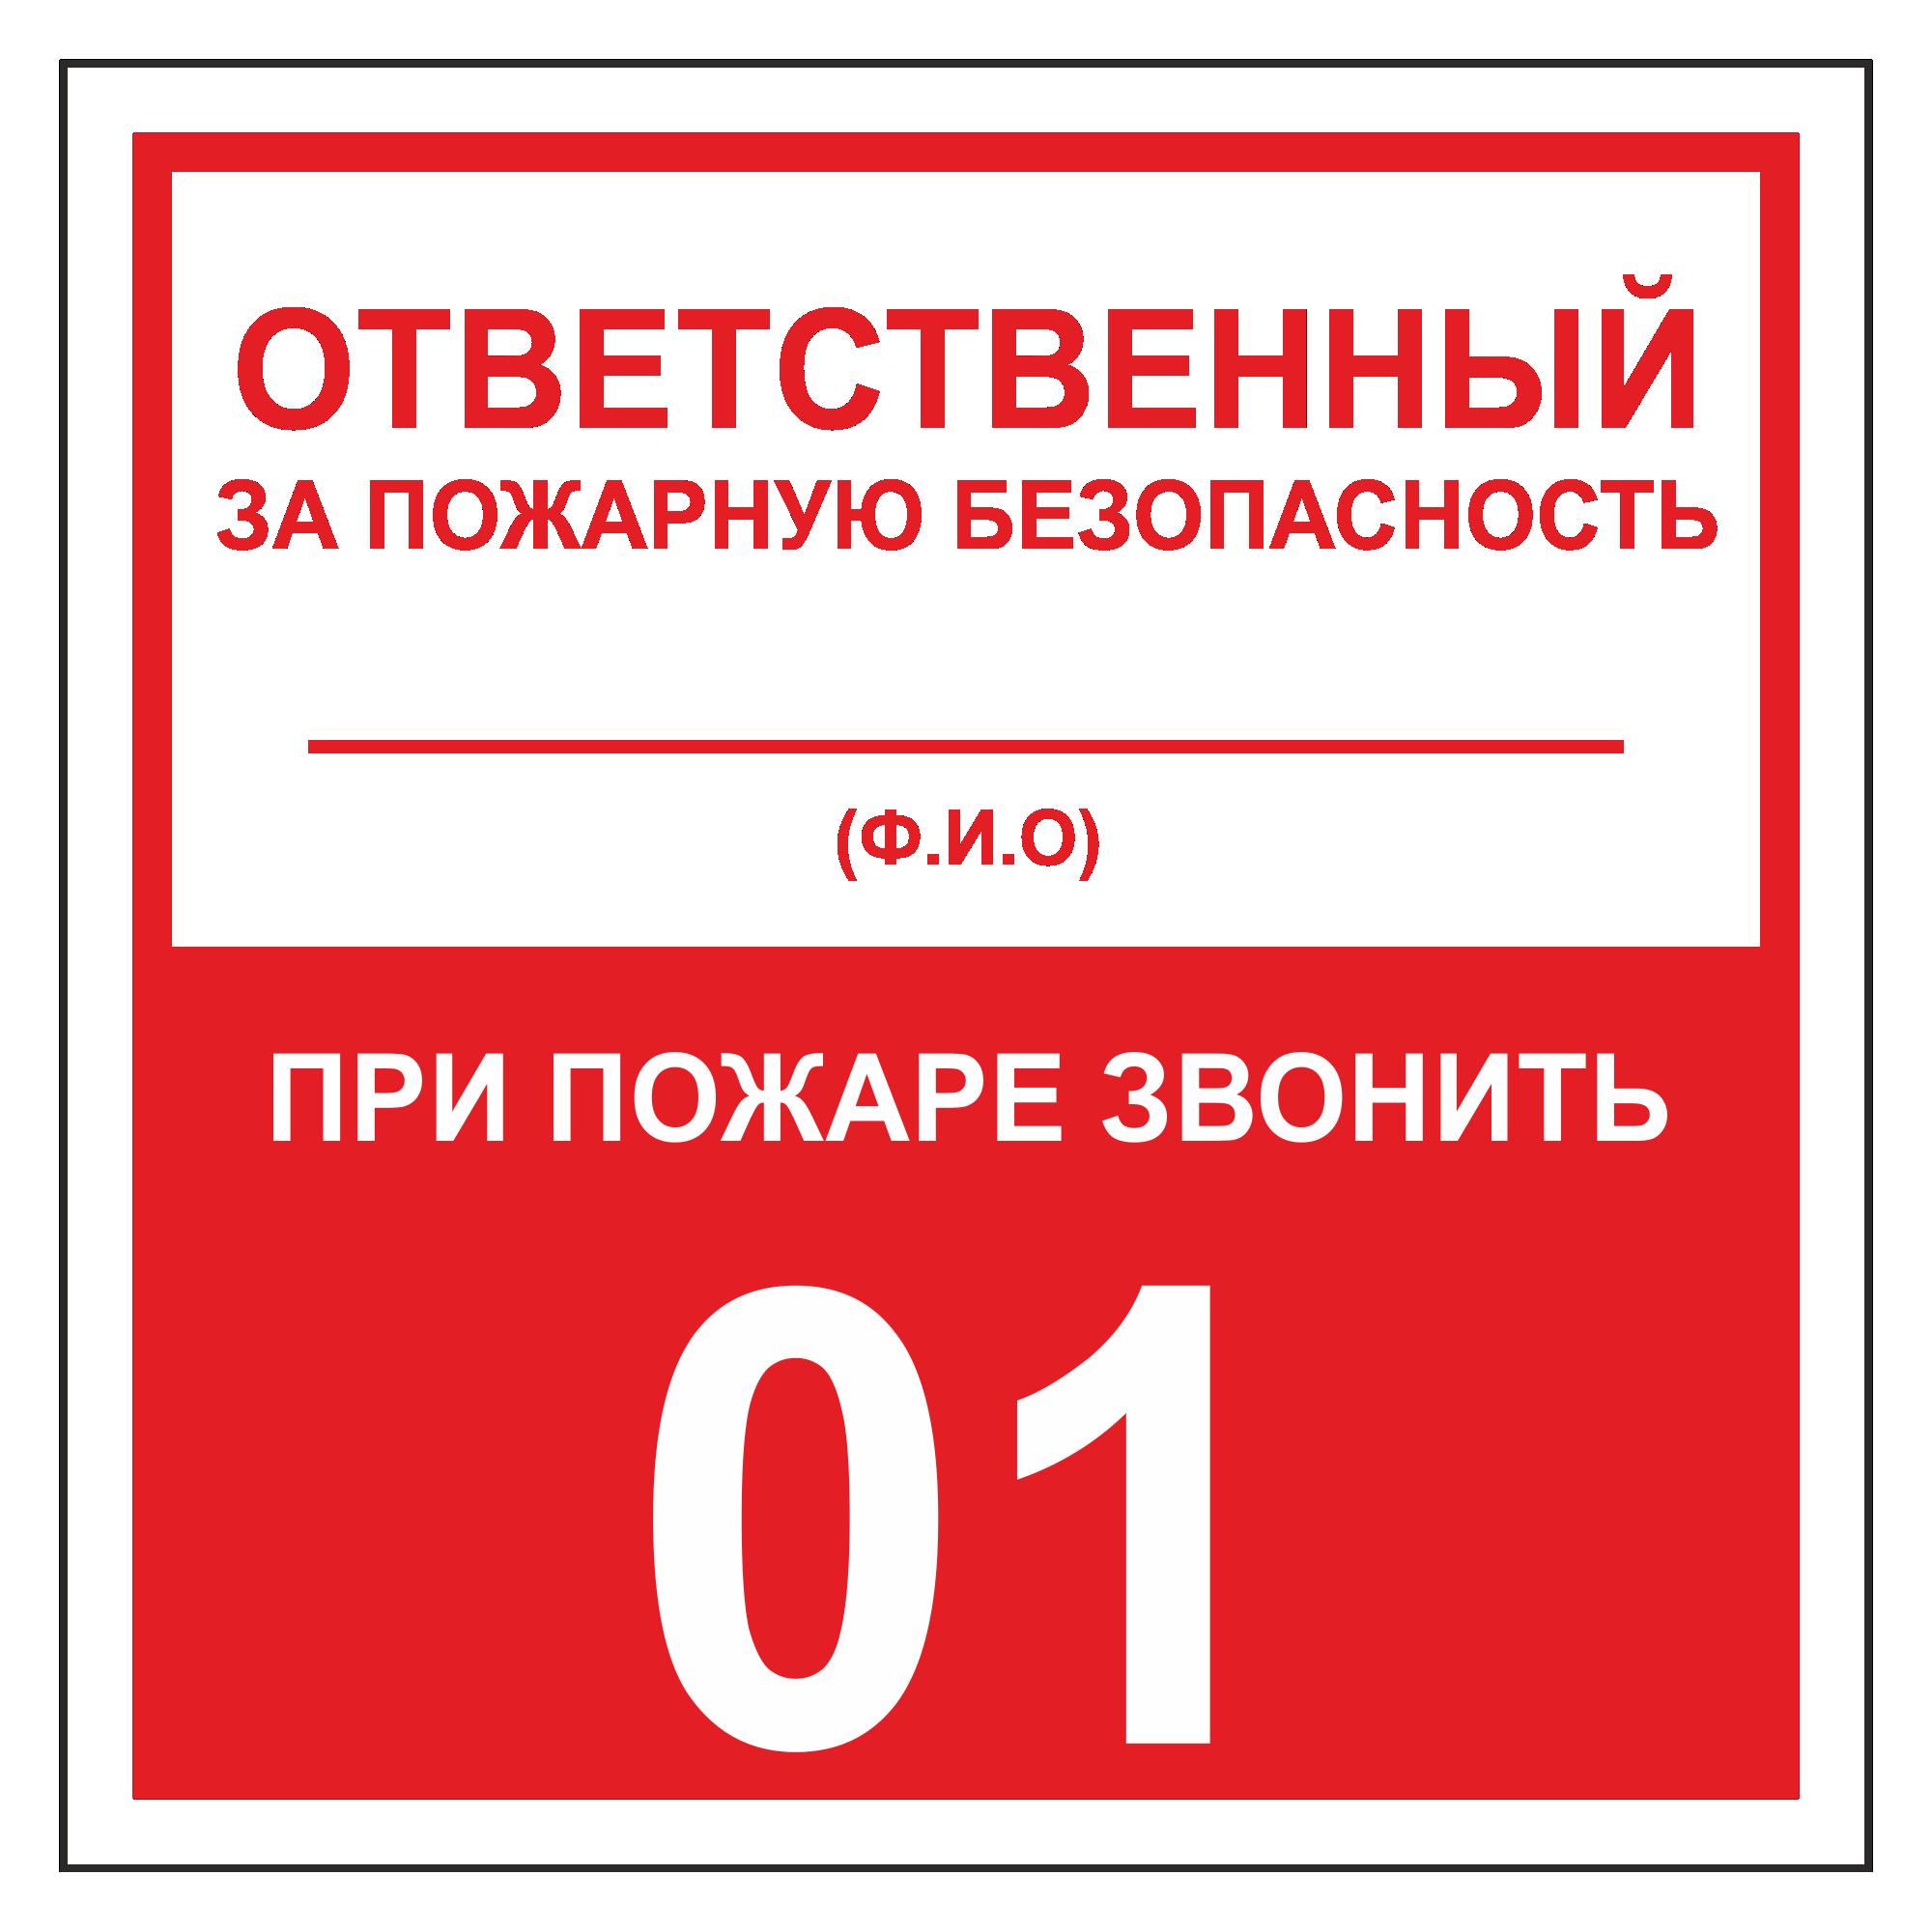 ногами иркутян противопожарная табличка с указанием номера фото если инструкция утеряна